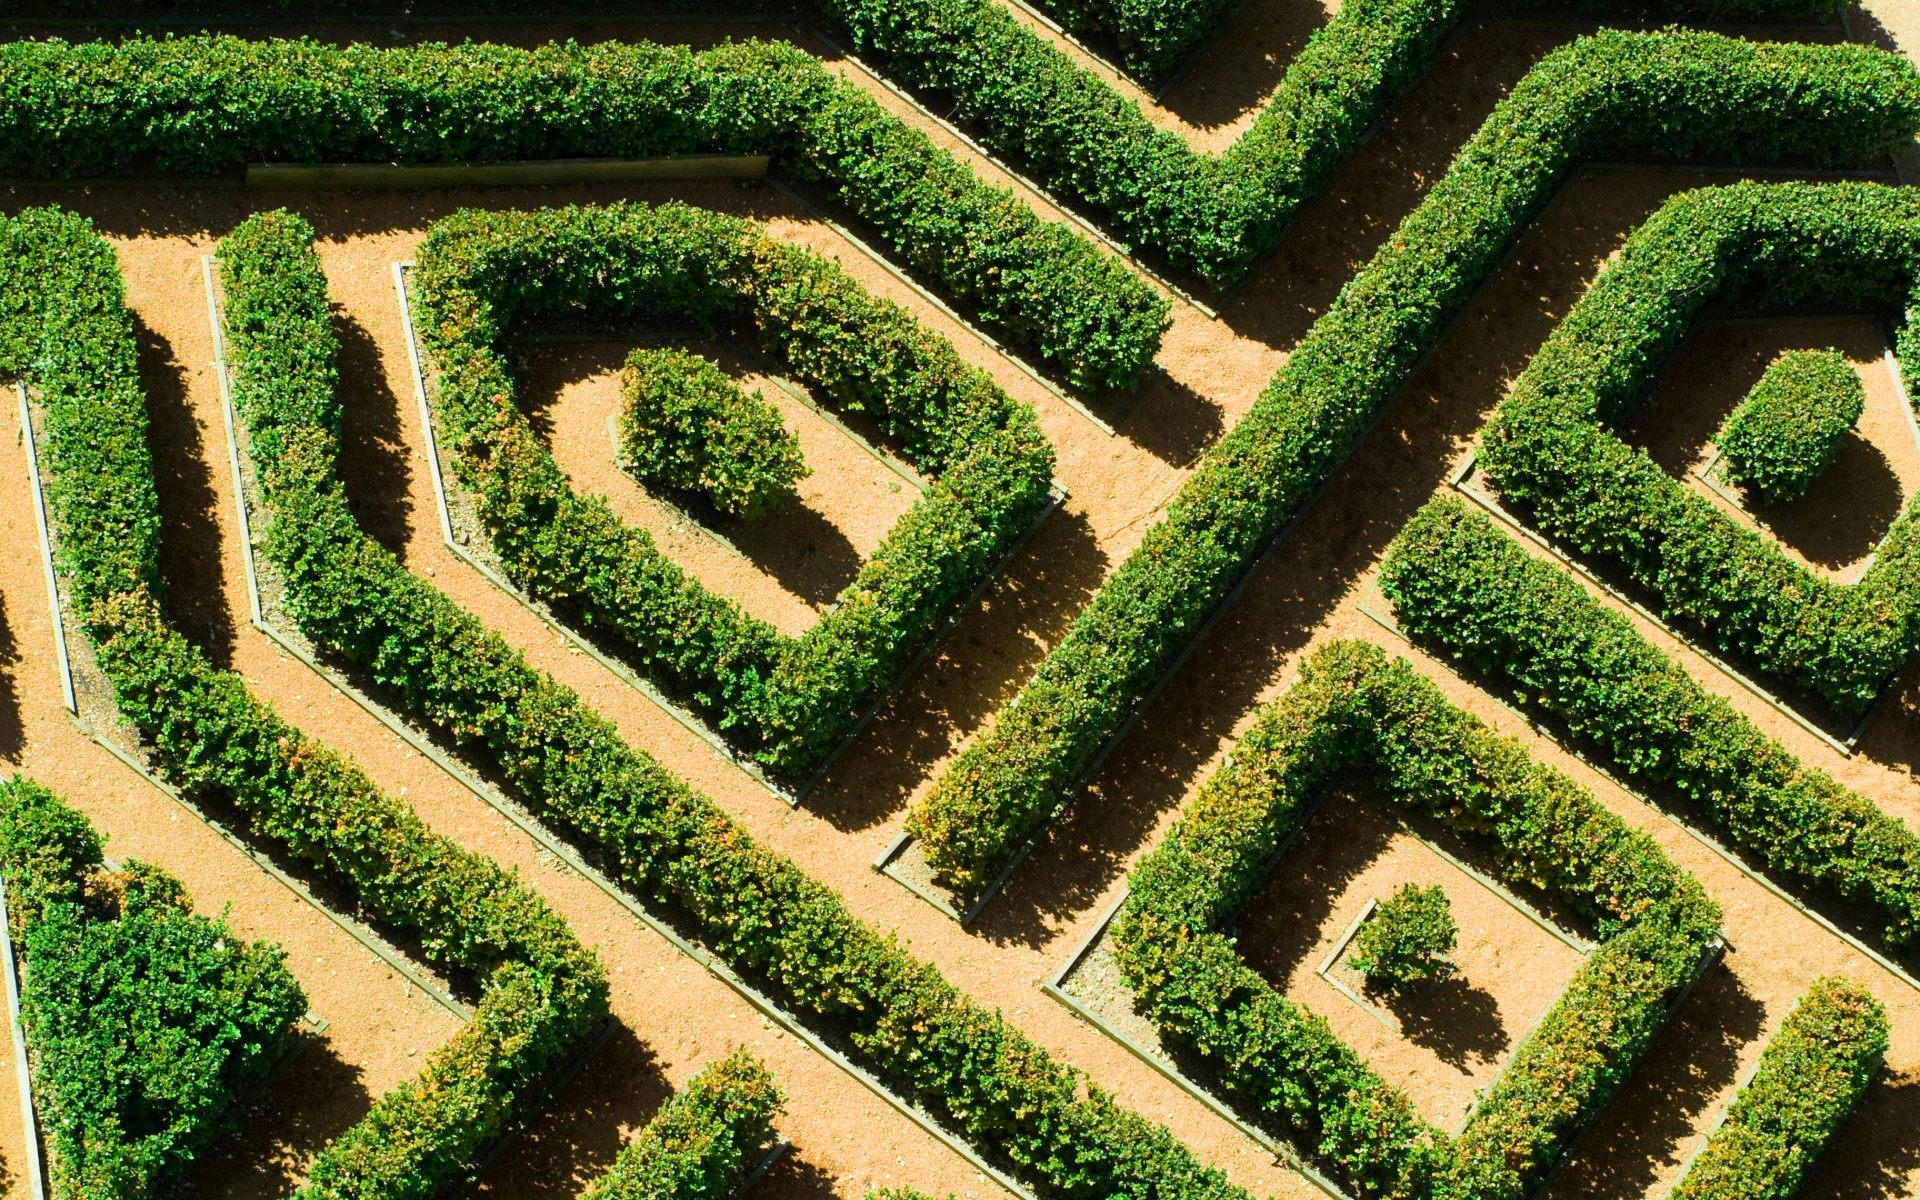 irrgärten - labyrinthe | garten europa, Garten dekoo